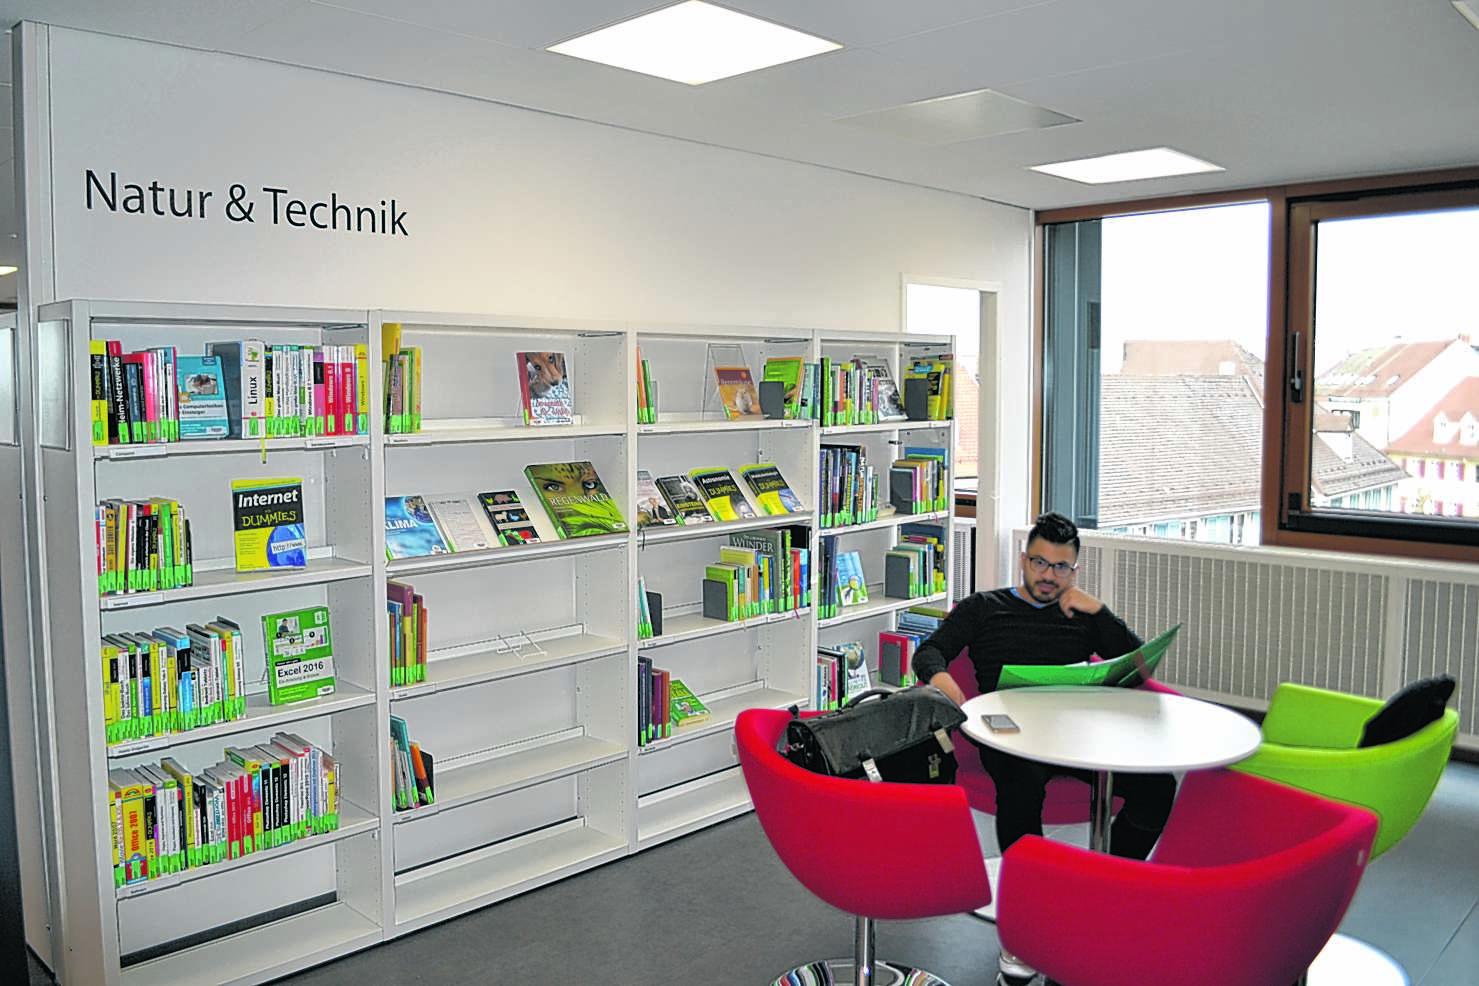 achern oberkirch achern stadtbibliothek onleihe bietet jetzt 28 weitere titel nachrichten. Black Bedroom Furniture Sets. Home Design Ideas